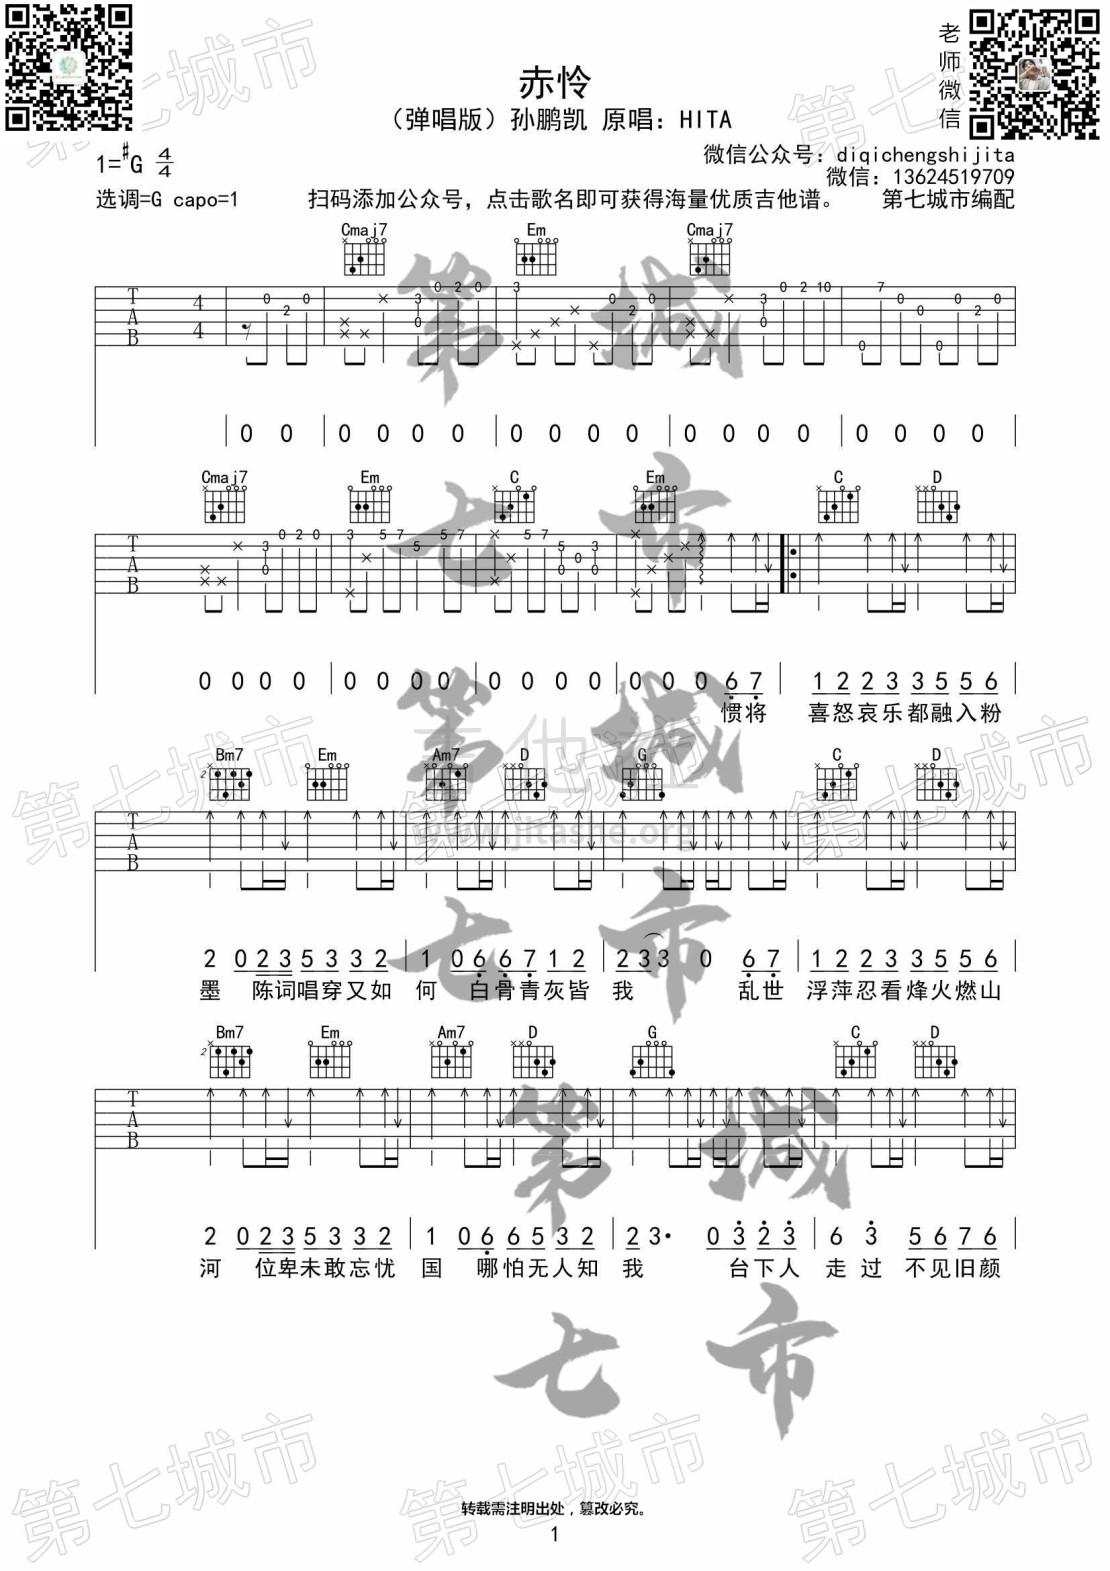 赤怜吉他谱(图片谱,赤怜,吉他谱,HITA)_HITA_赤怜二维码1.jpg